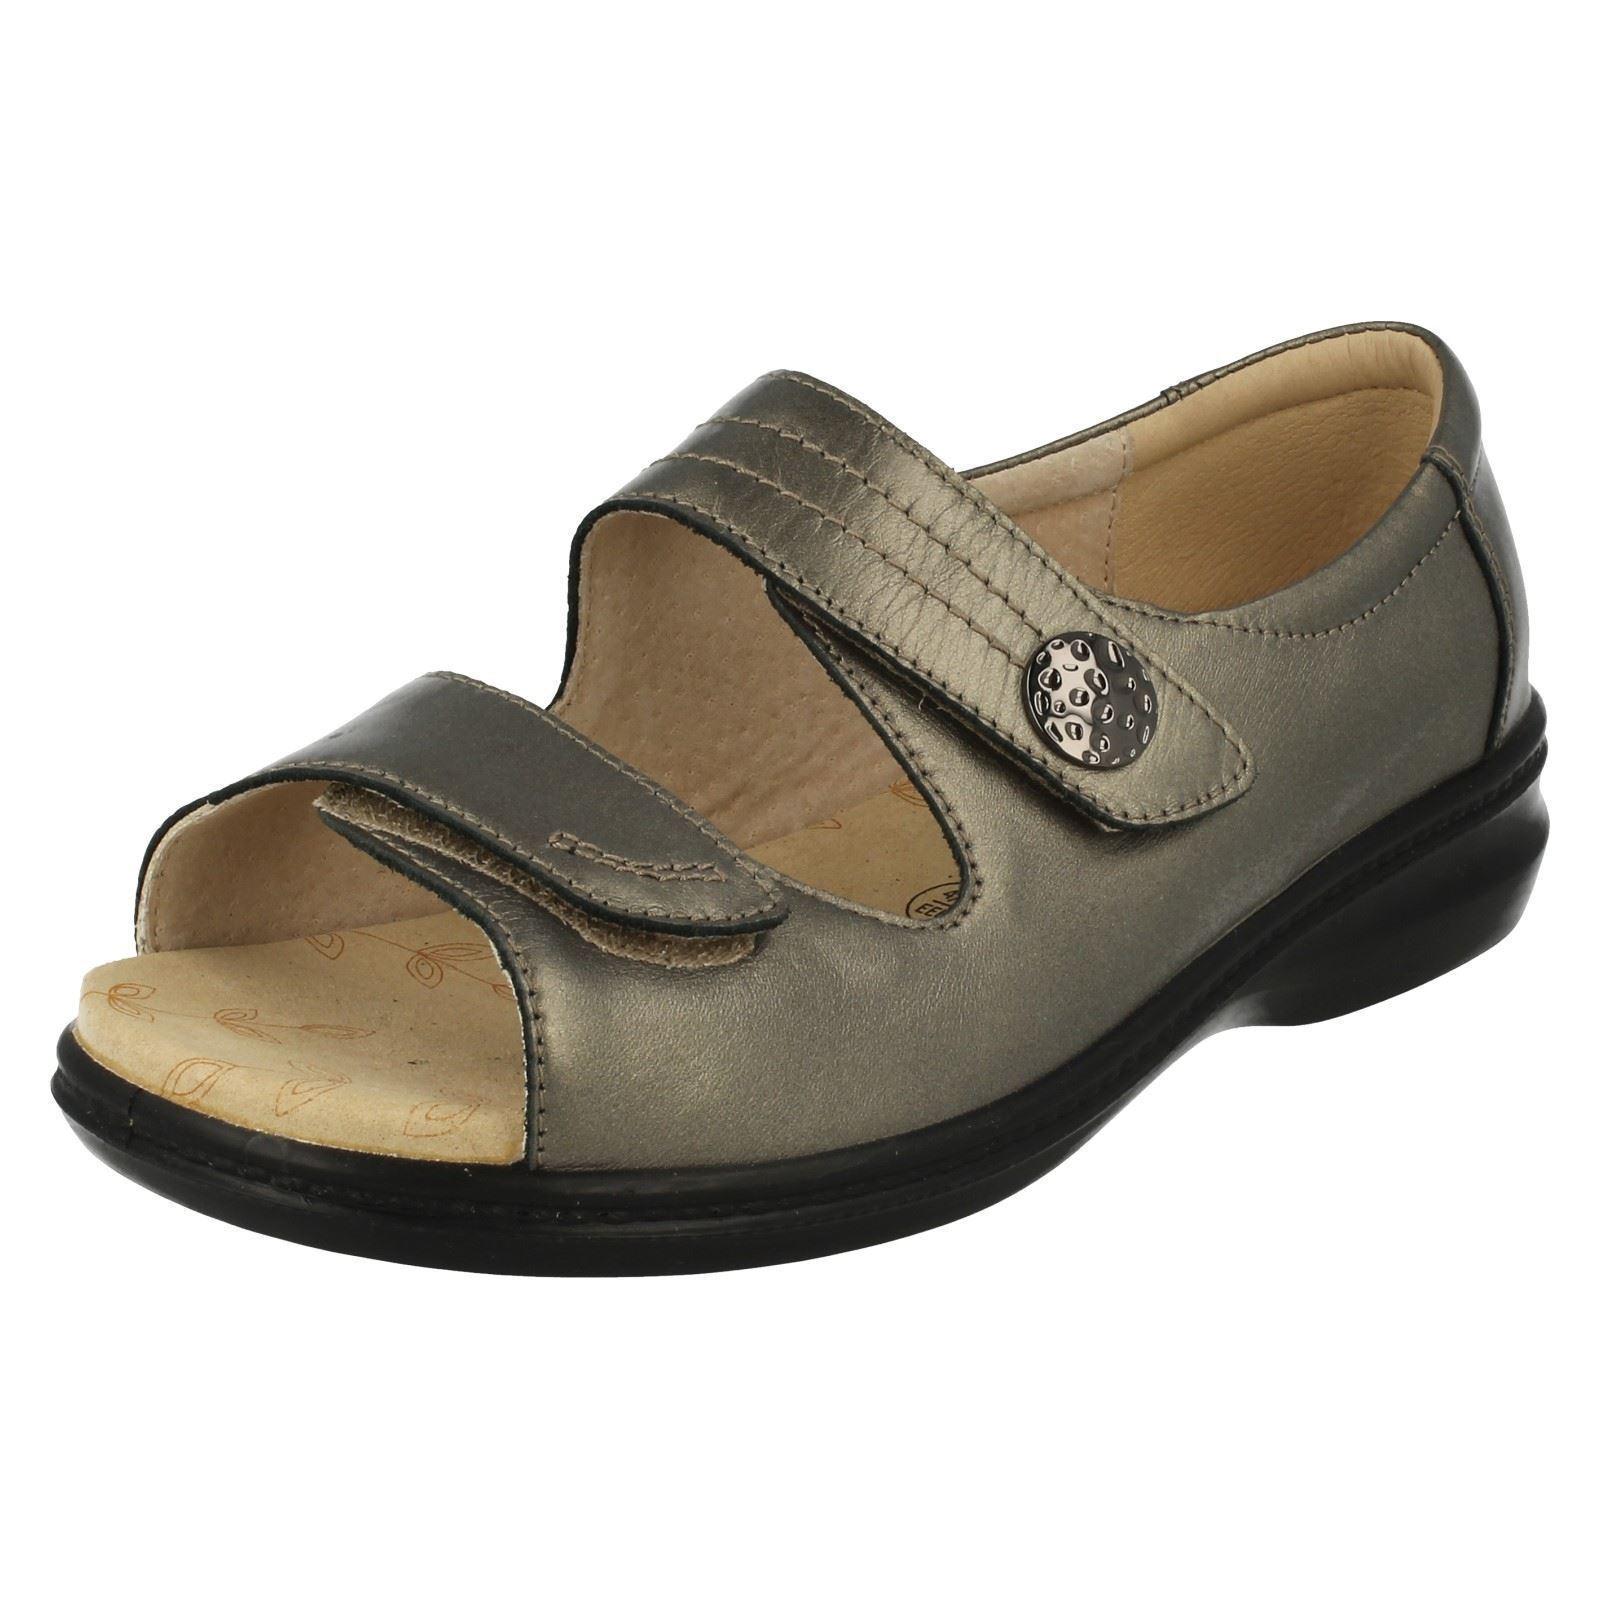 Padders Donna Riva 2 a Strappo Cinturino calzata larga casual Sandali Estivi | Qualità Stabile  | Uomini/Donne Scarpa